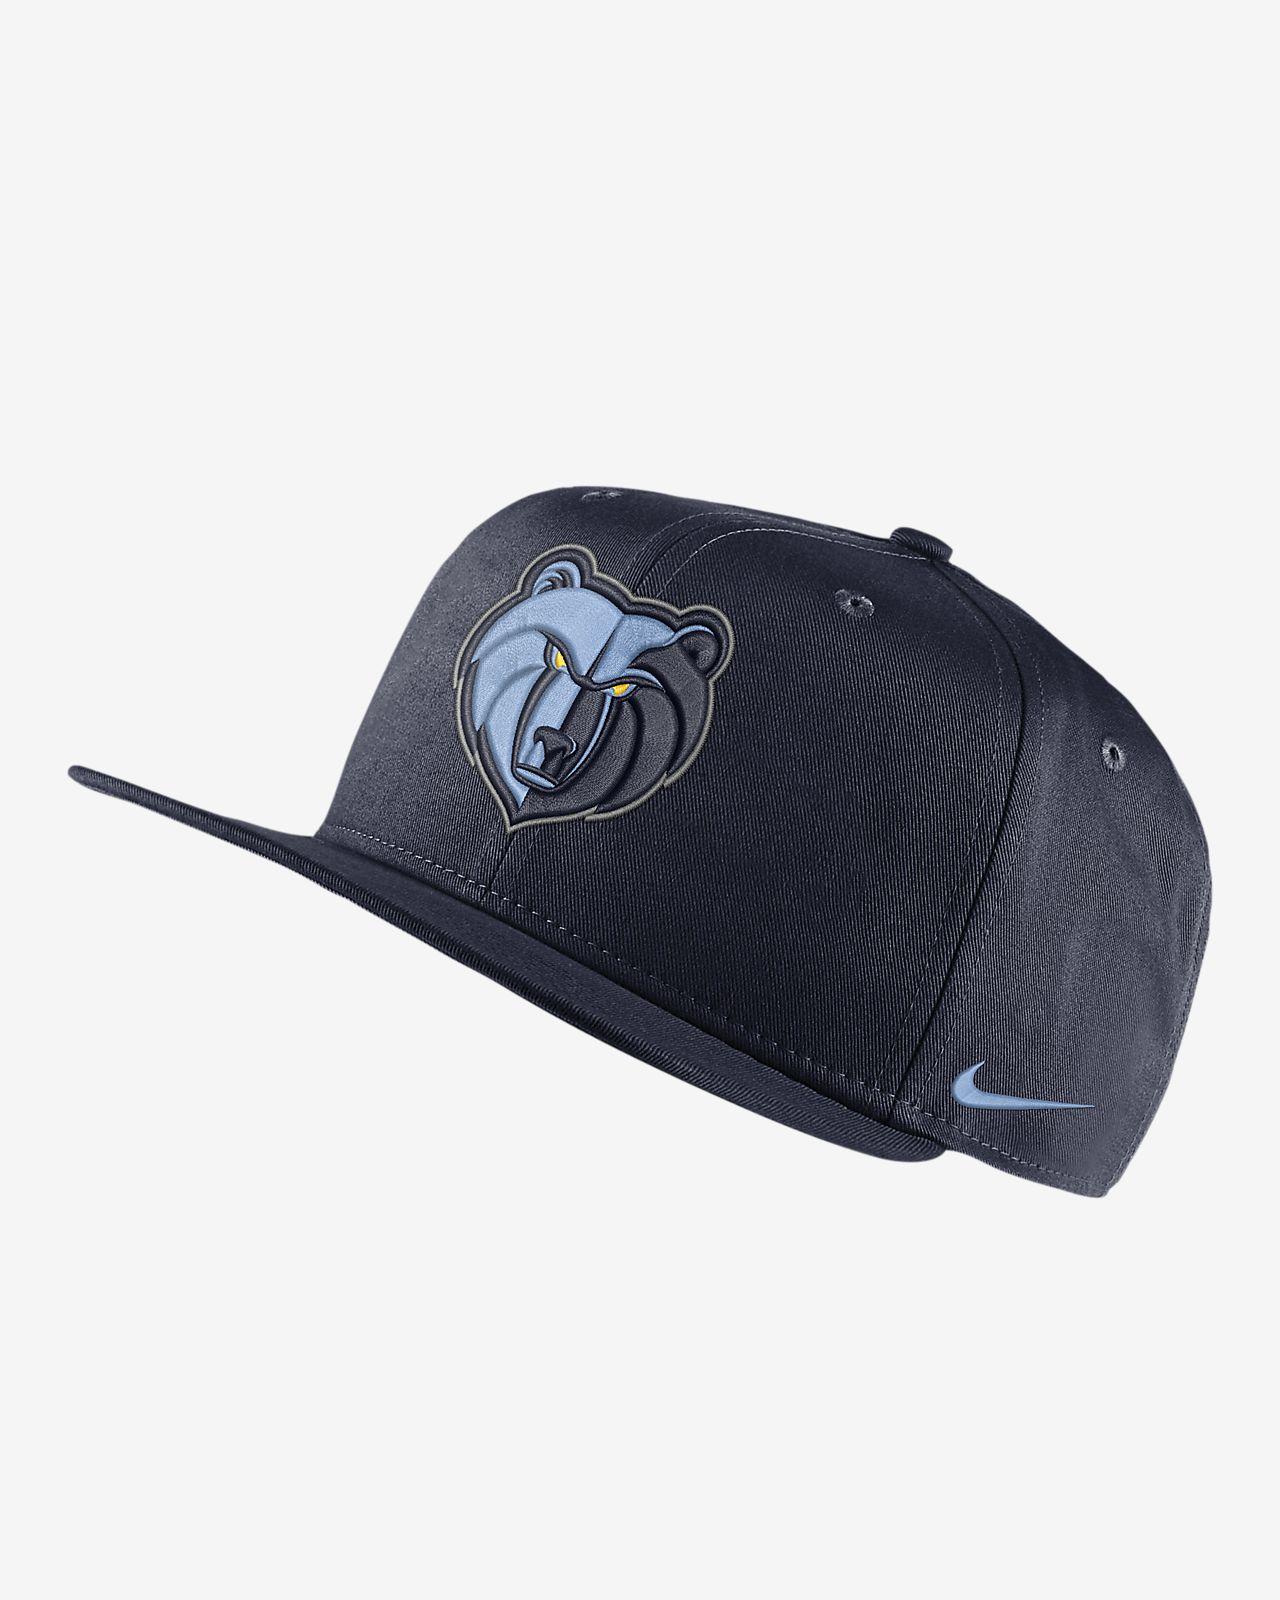 Casquette NBA Memphis Grizzlies Nike Pro